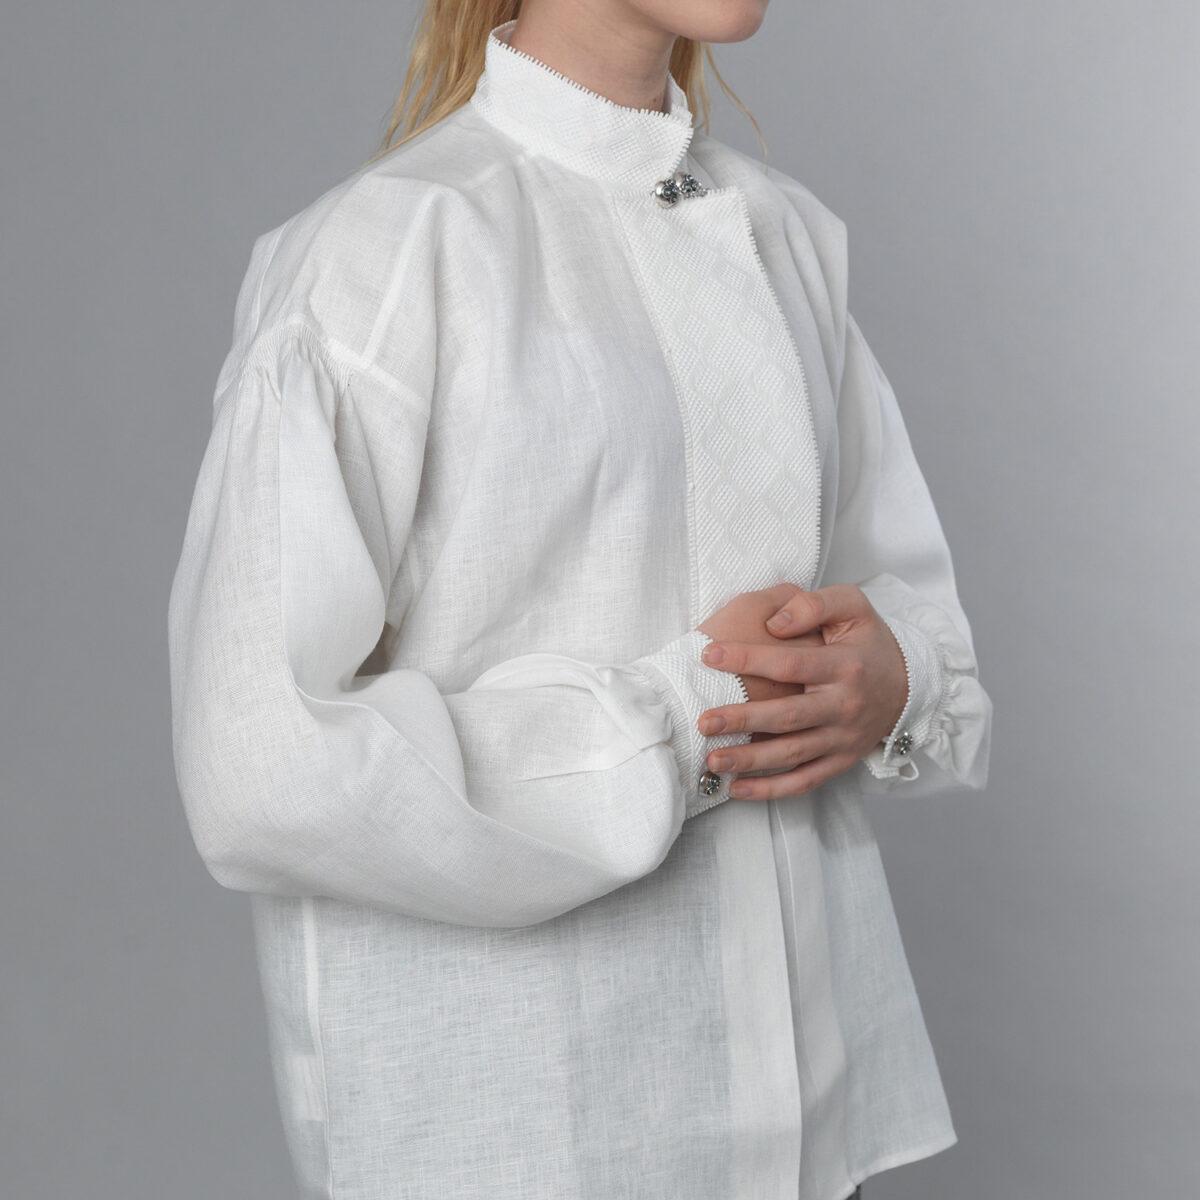 Vasshus linskjorte-464